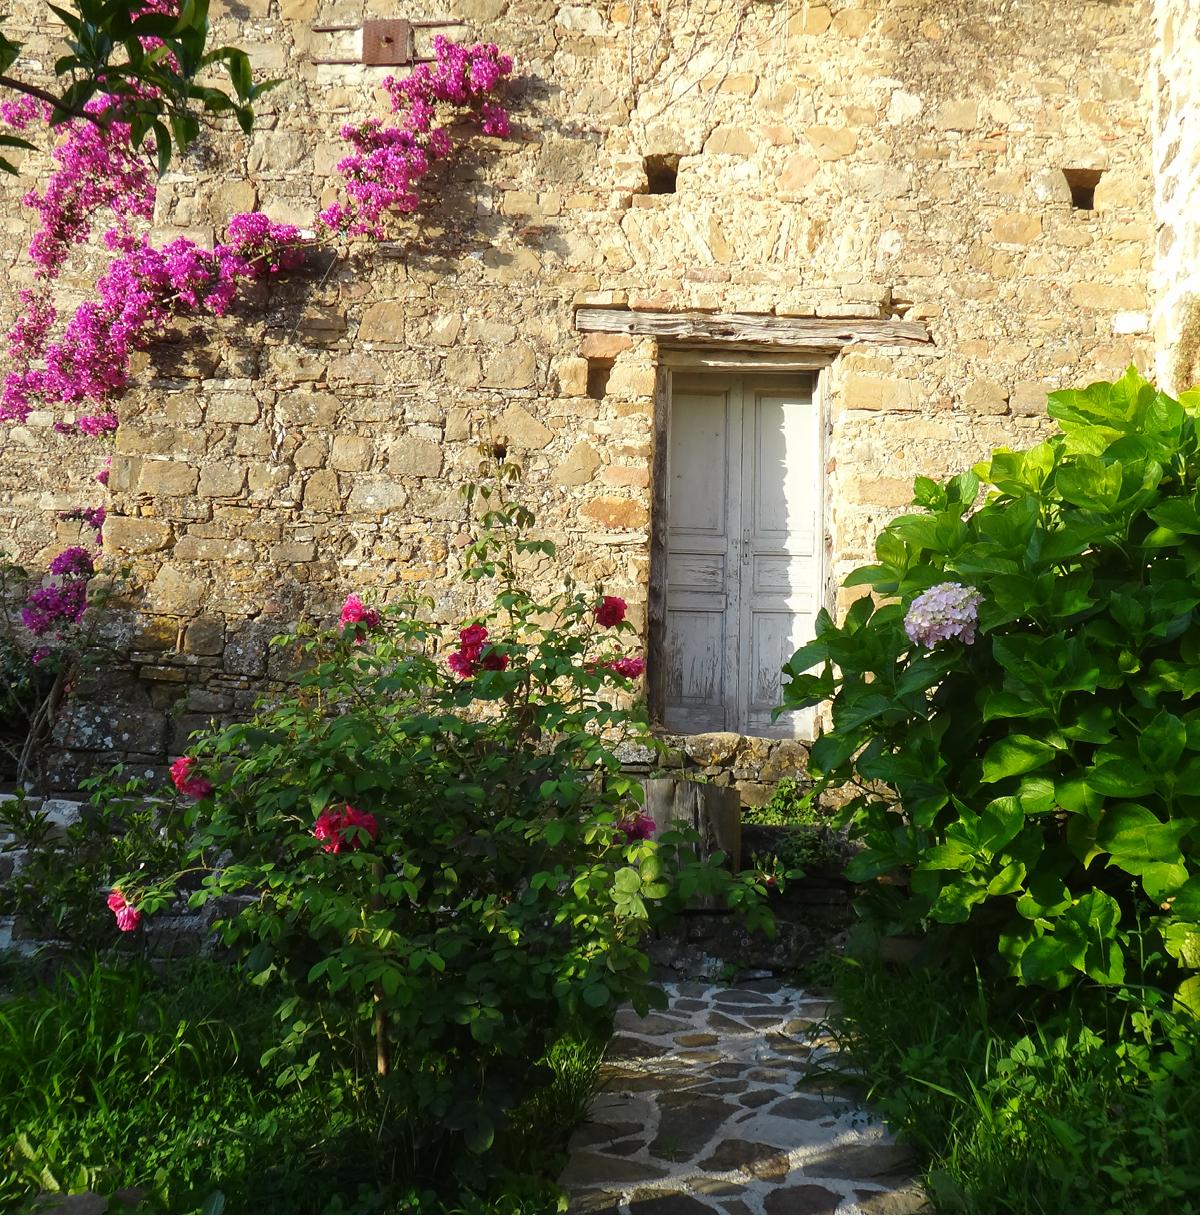 Casa albini b b bed and breakfast nel cilento for Giardino casa classica